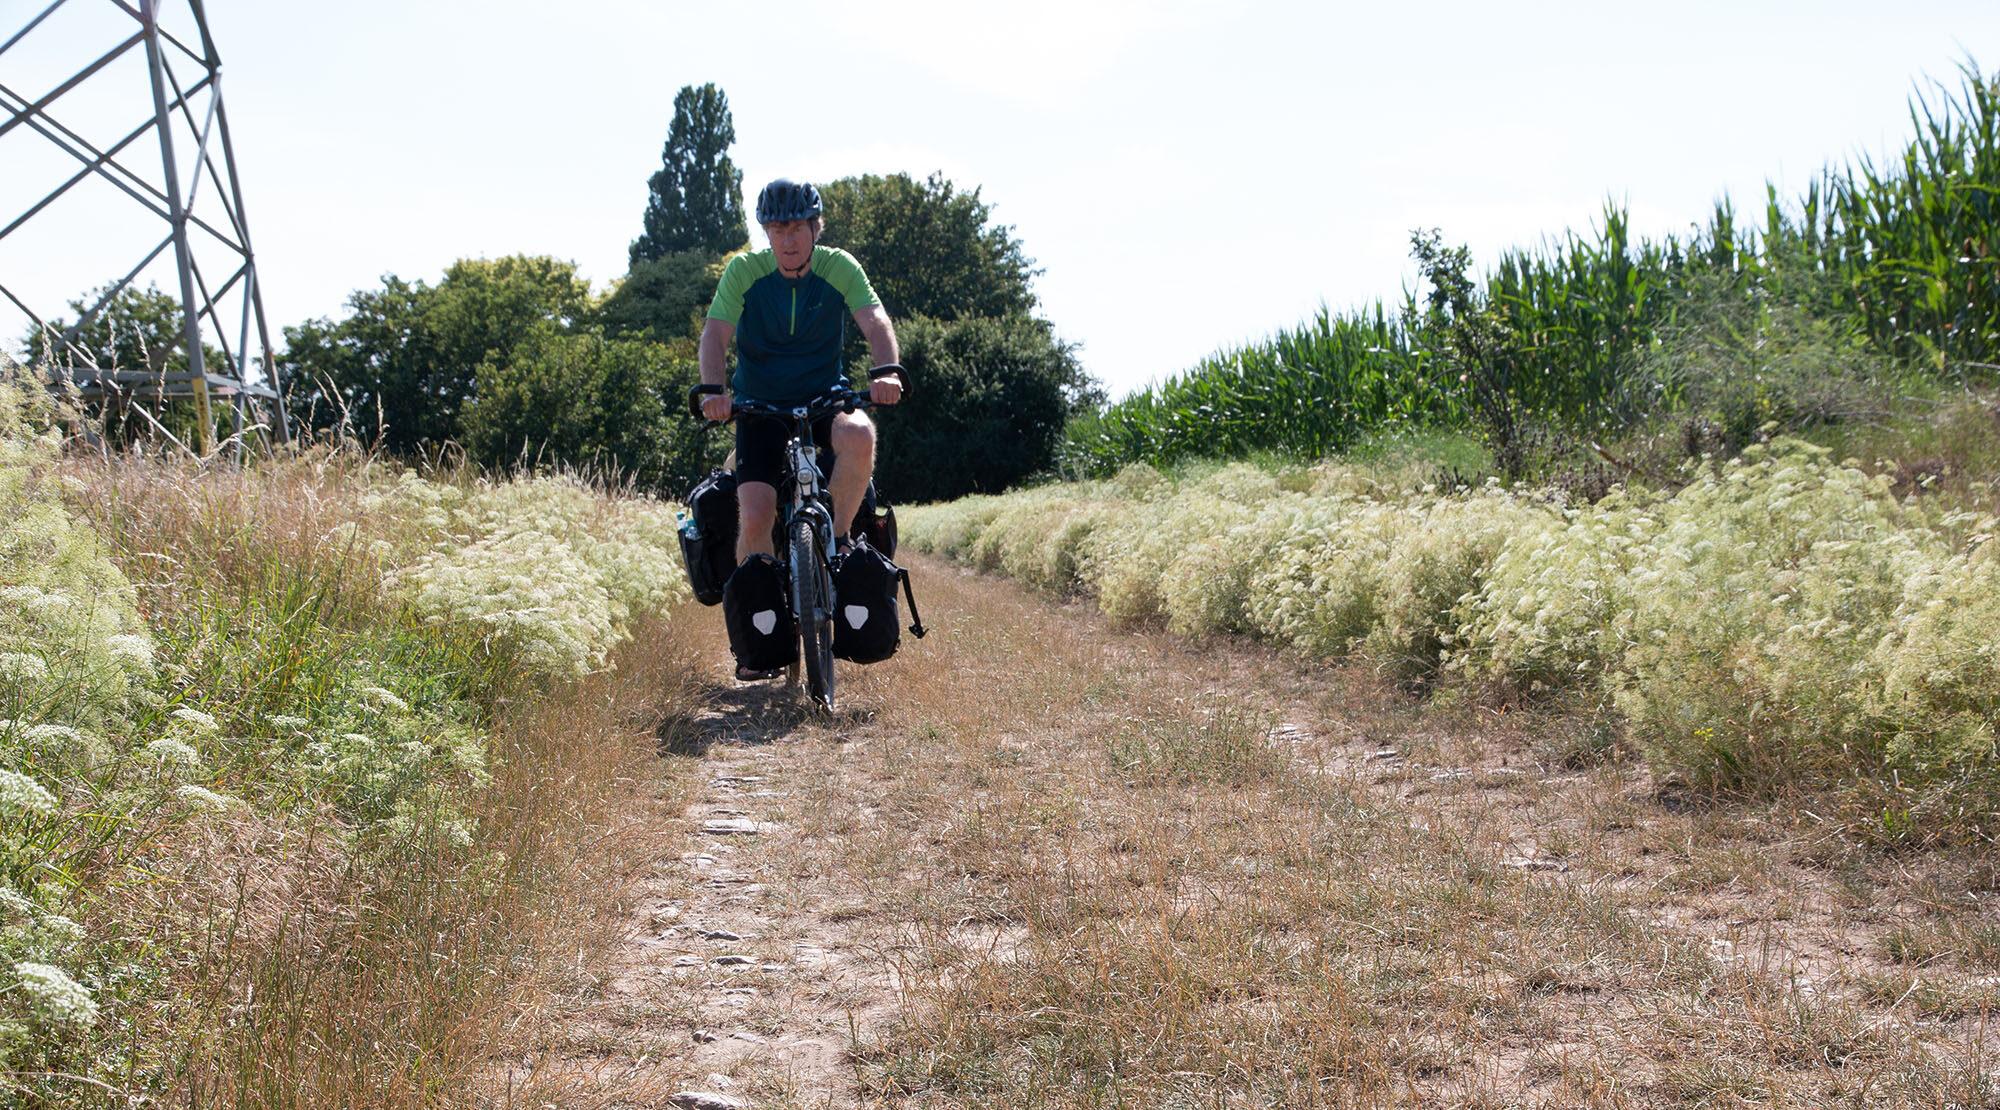 Radroute auf Sand Bikefolks